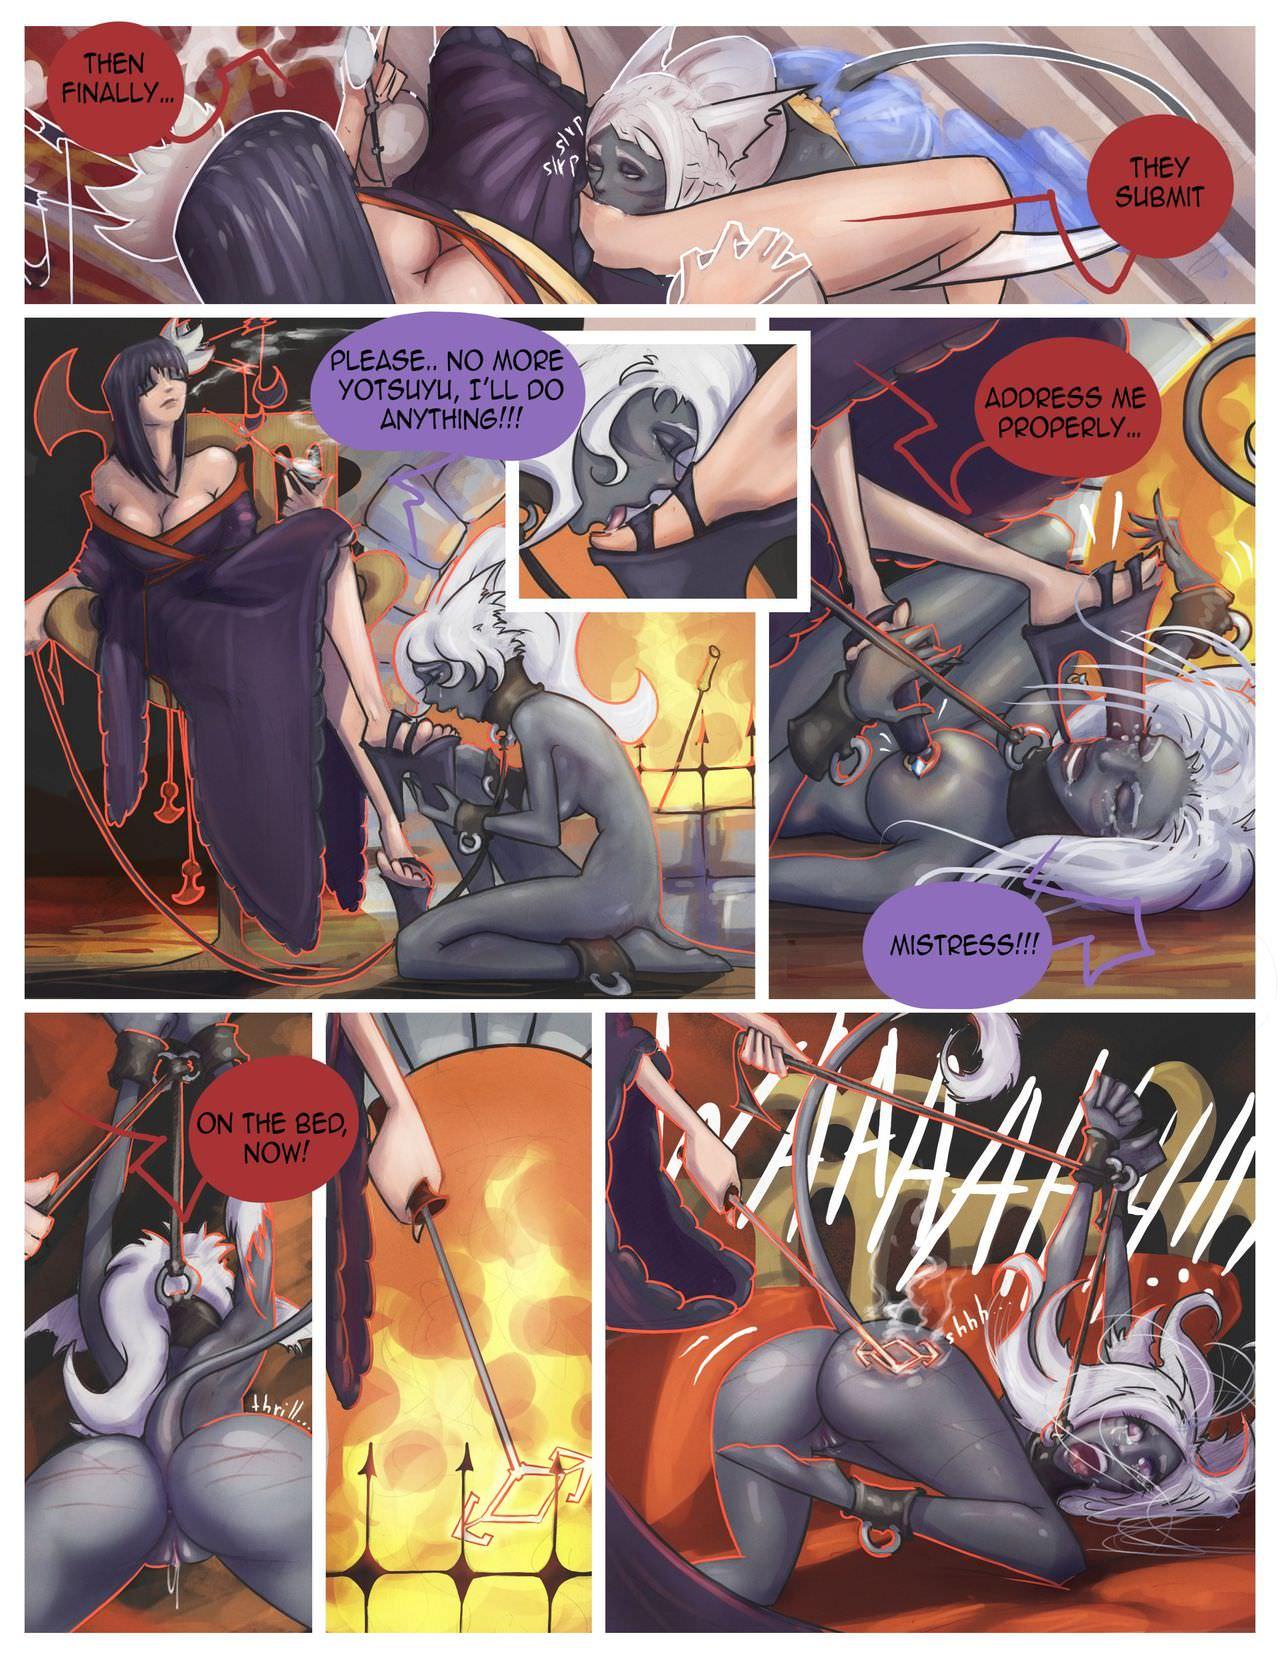 Final Fantasy 12 Hentai forkonatable – garlean fucktoy (final fantasy xiv) - furry